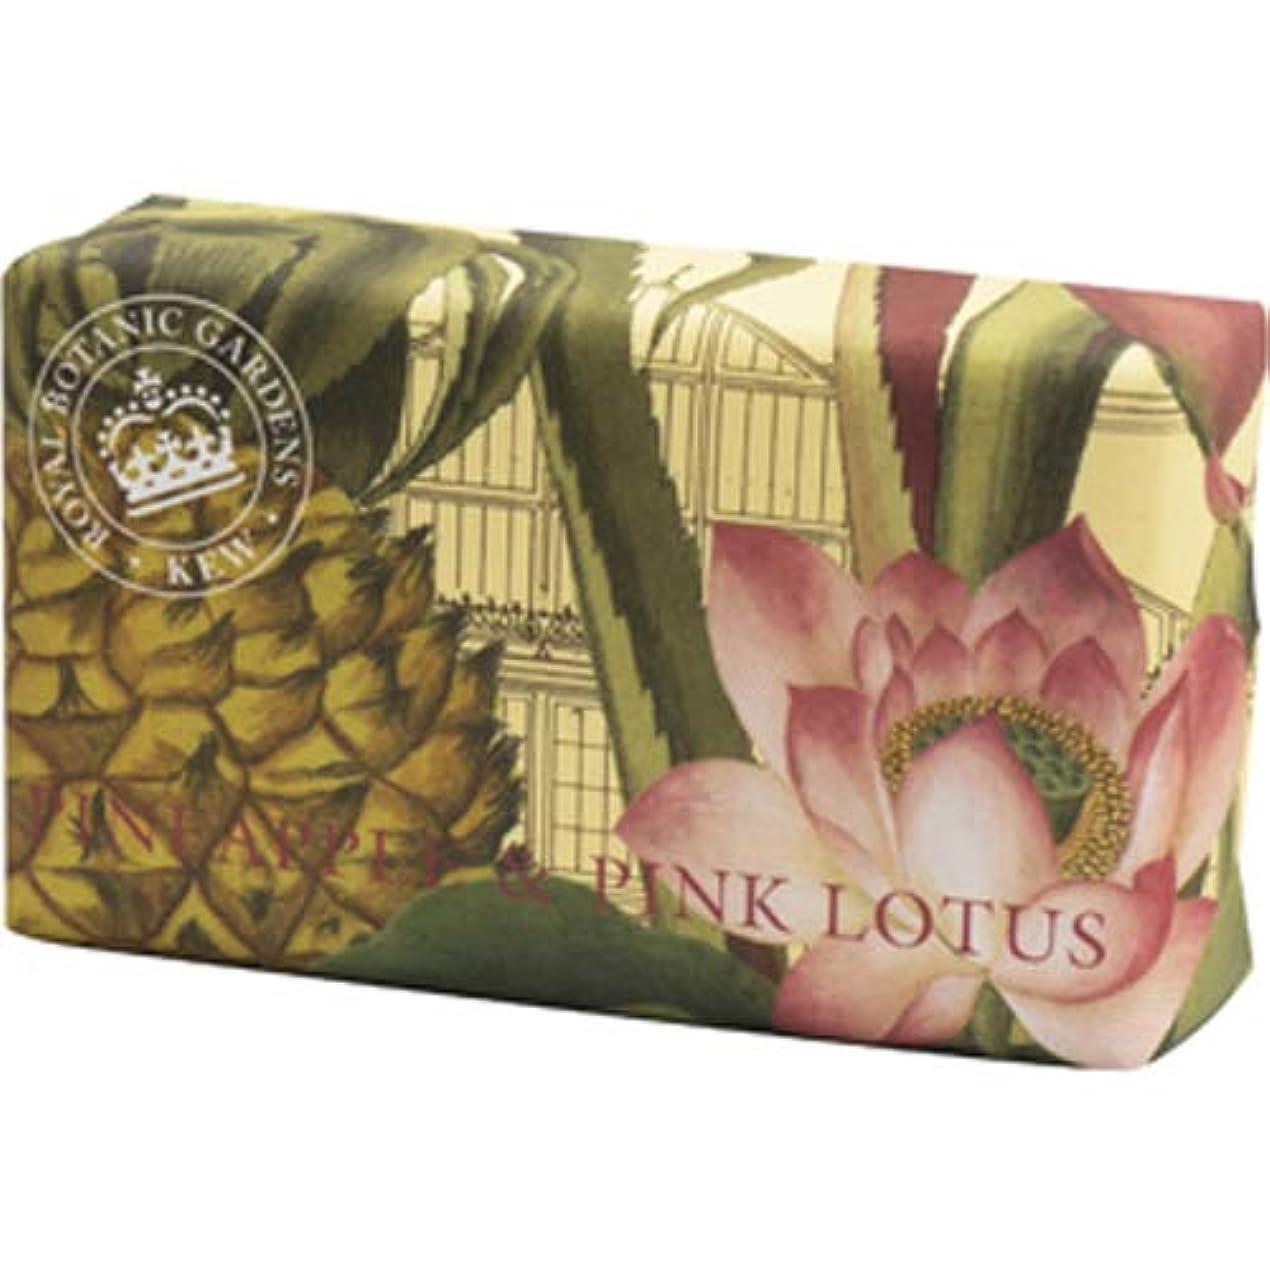 日付付きグリット多くの危険がある状況三和トレーディング English Soap Company イングリッシュソープカンパニー KEW GARDEN キュー?ガーデン Luxury Shea Soaps シアソープ Pineapple & Pink Lotus...